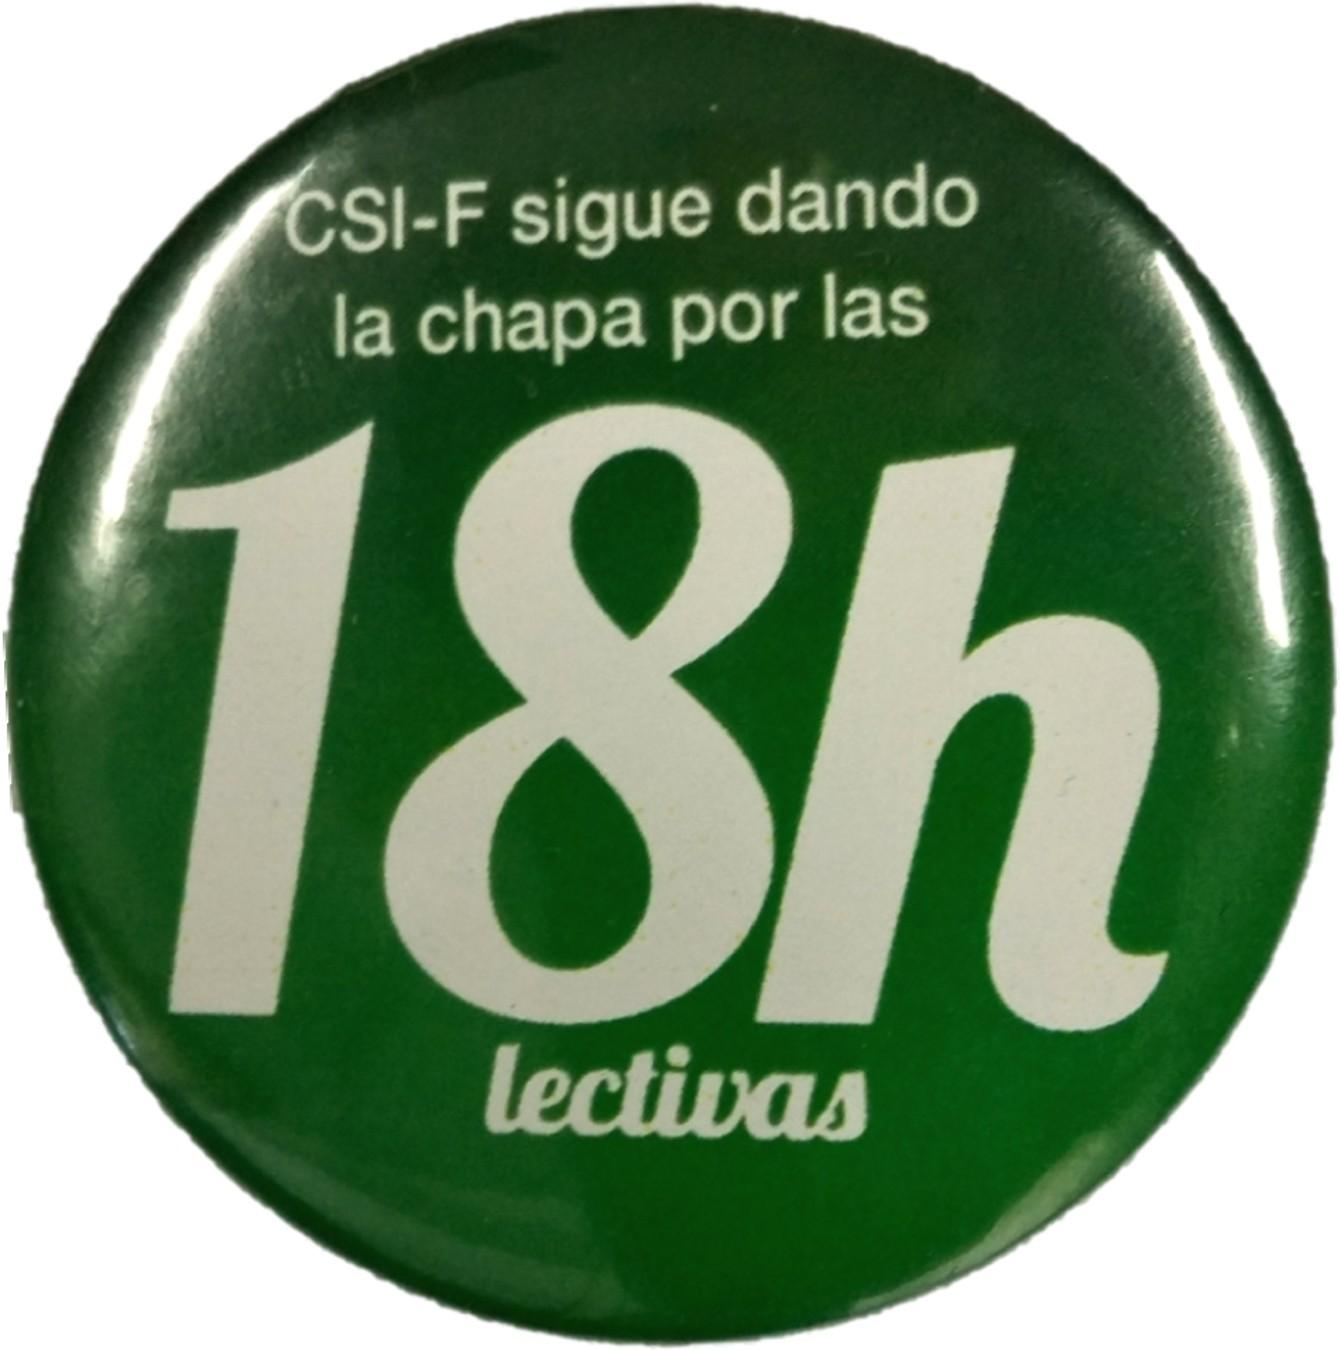 csif_18h_logo.jpg